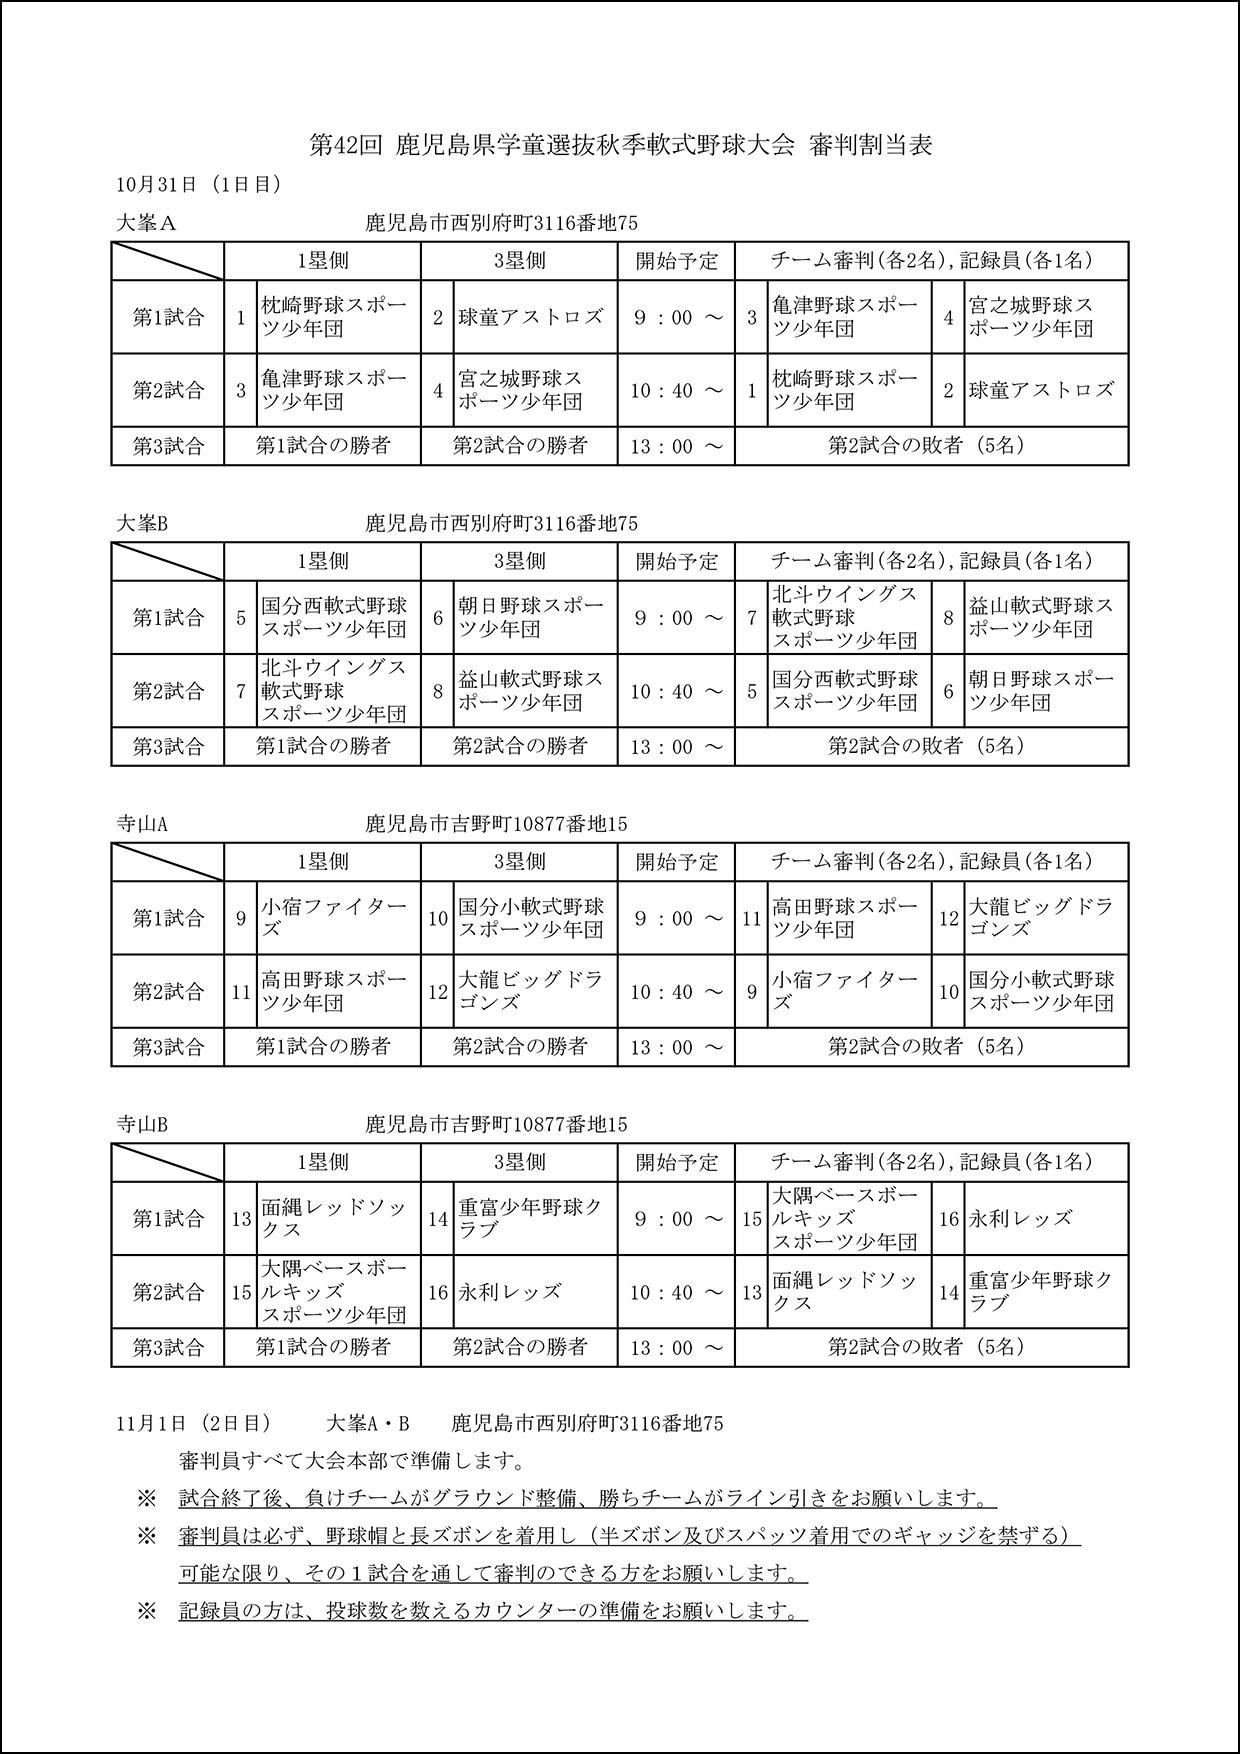 【審判割当表】第42回 鹿児島県学童選抜秋季軟式野球大会